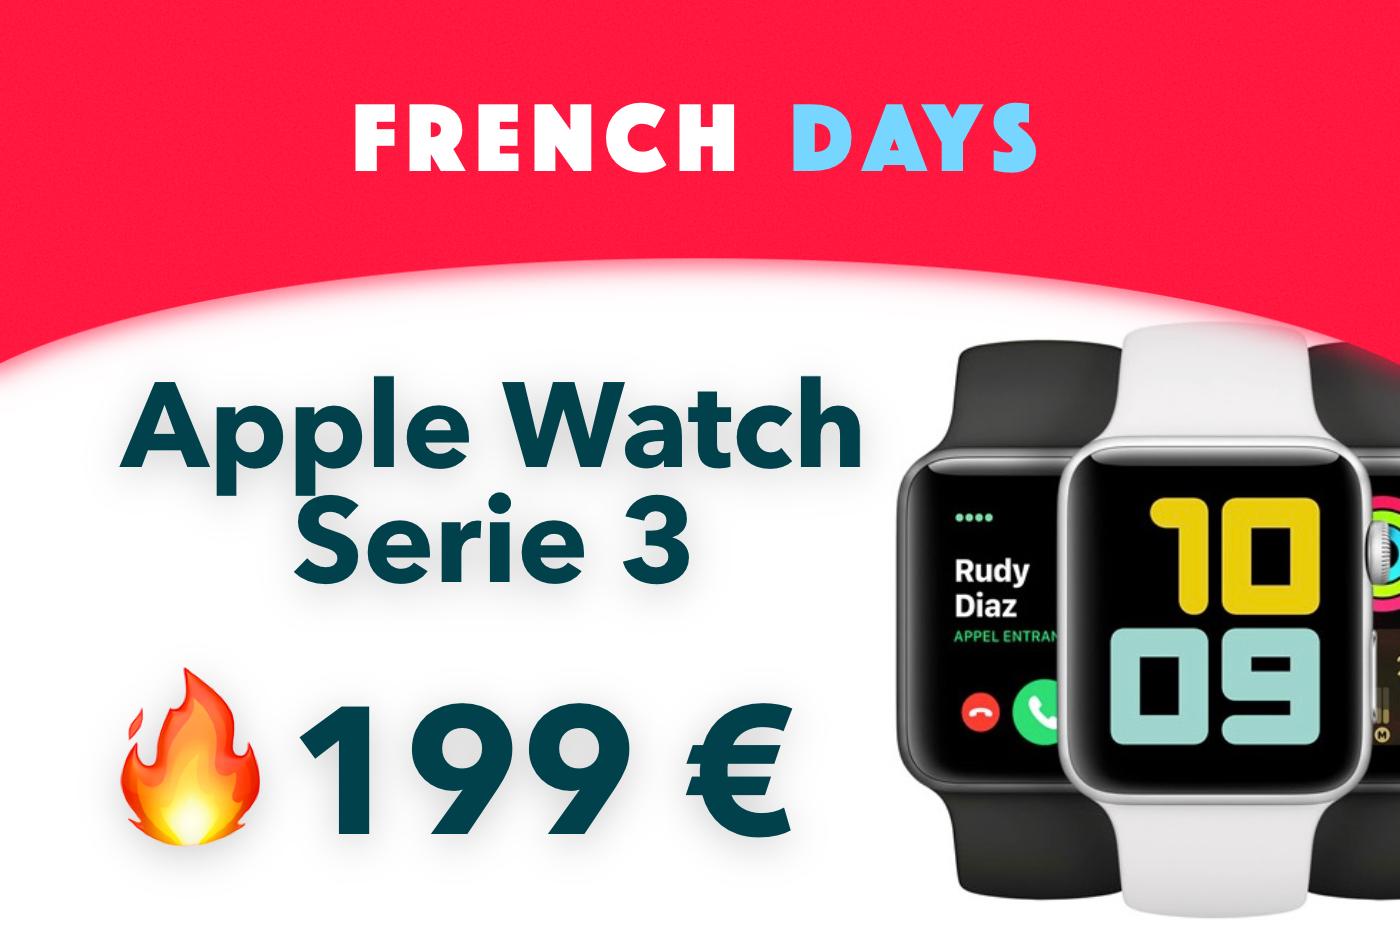 Bon plan Apple Watch Series 3 French Days